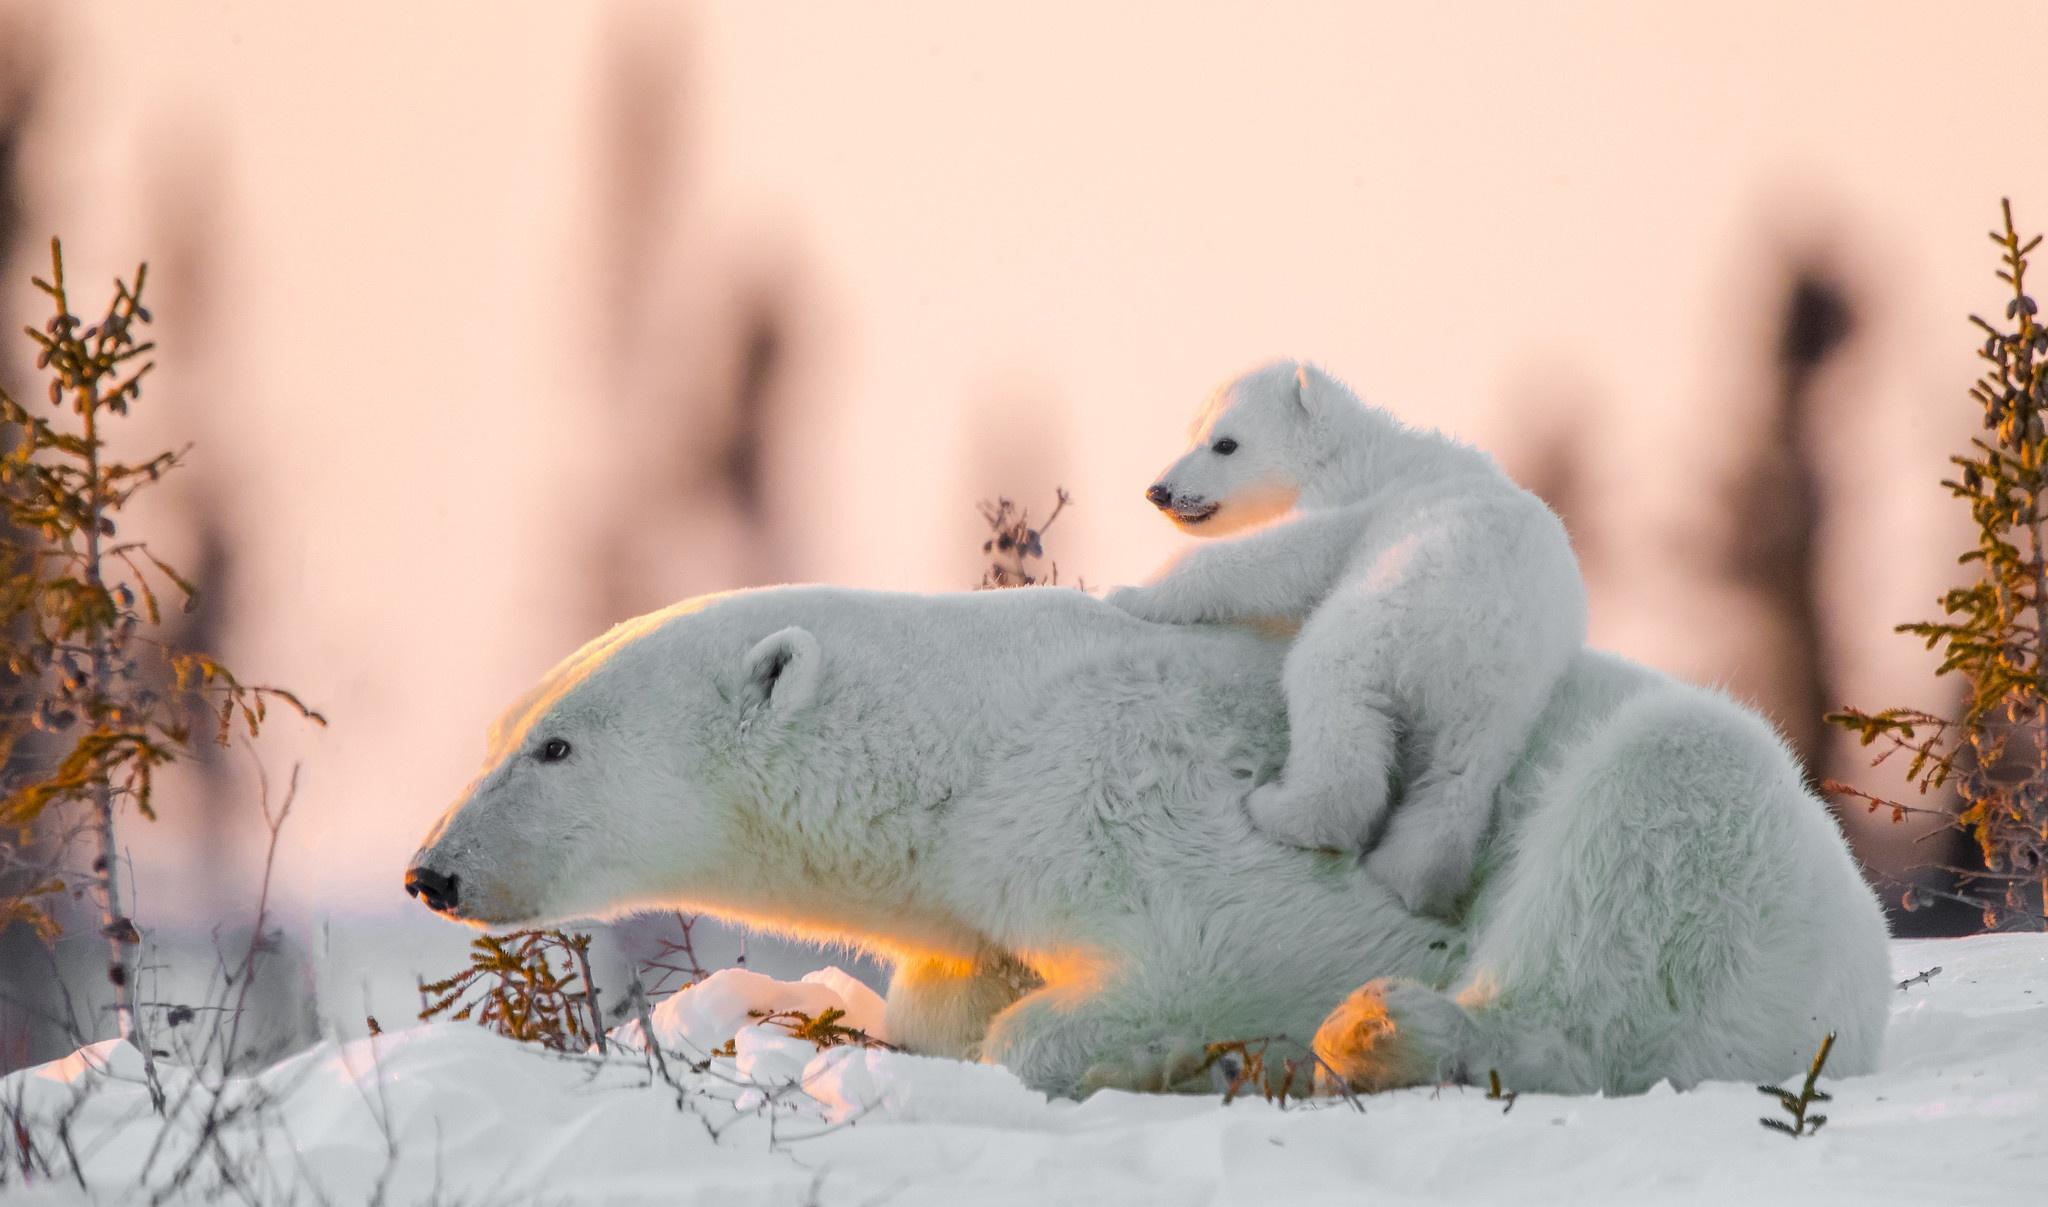 デスクトップ壁紙 ホッキョクグマ 哺乳動物 赤ちゃん 雪 クマ